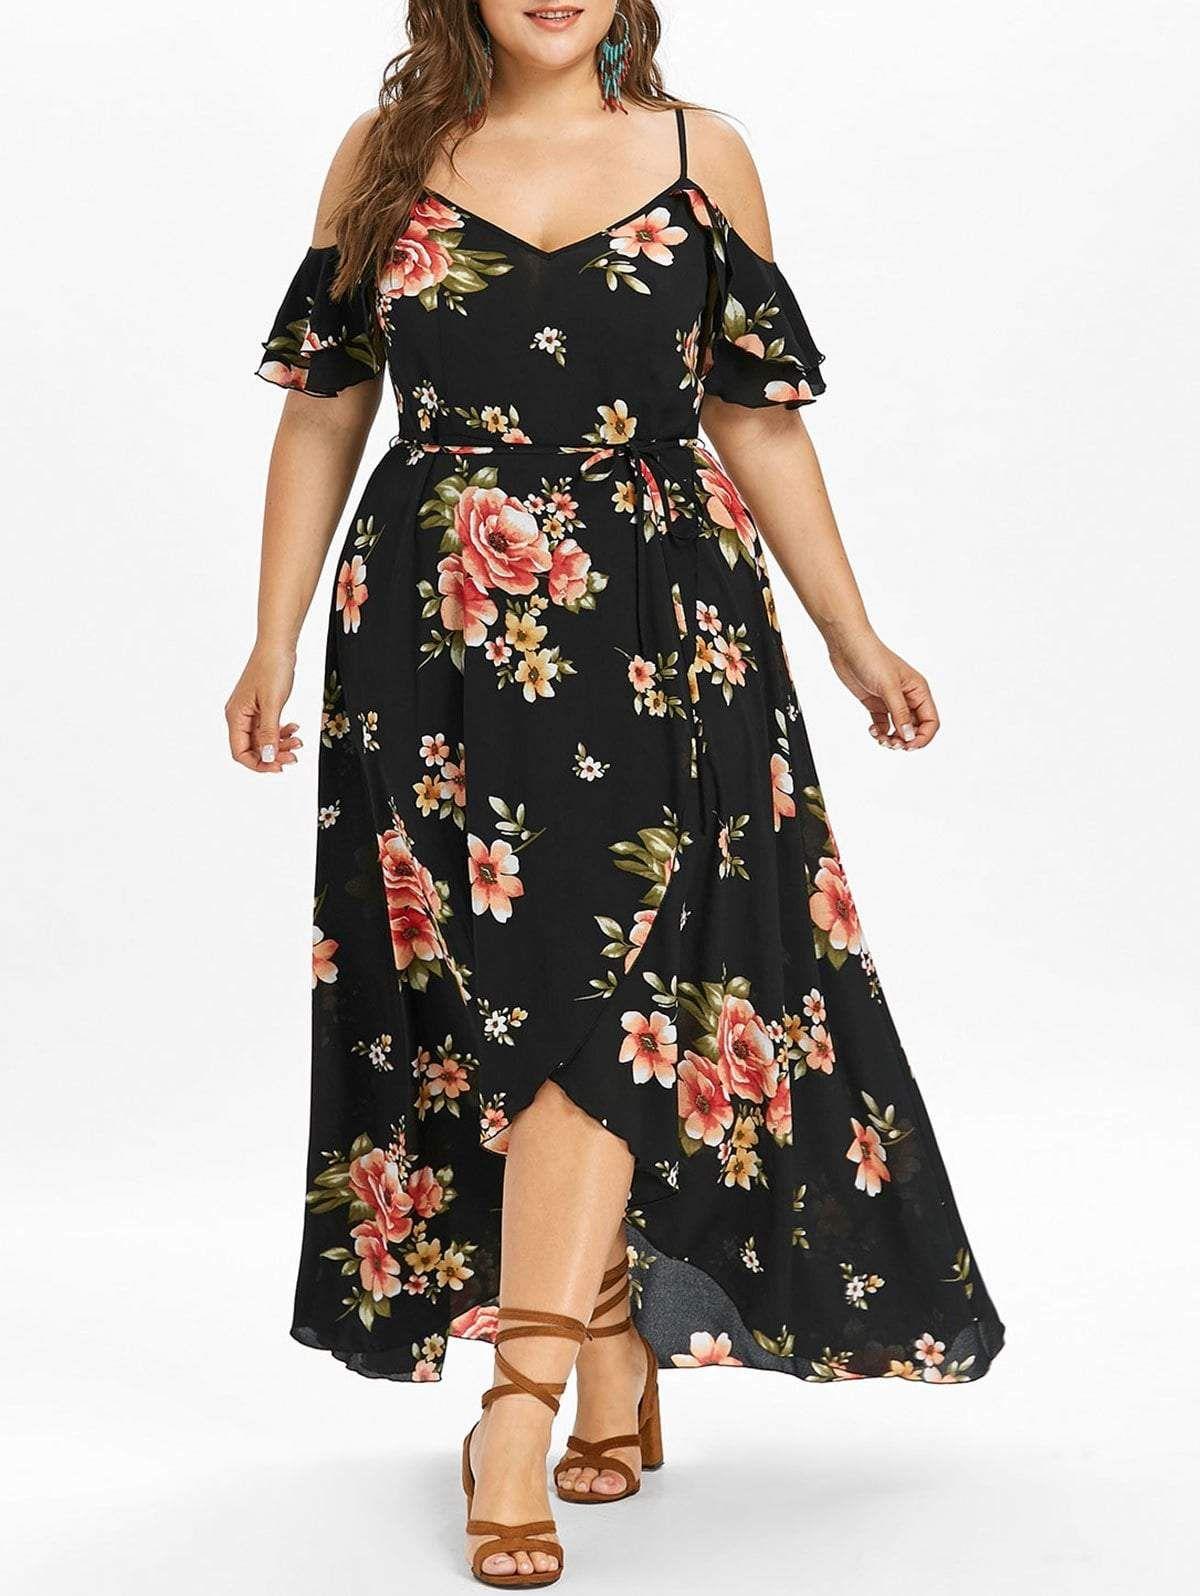 027e287e74250 Plus Size Cold Shoulder Floral Maxi Flowing Dress in 2019 | modest ...